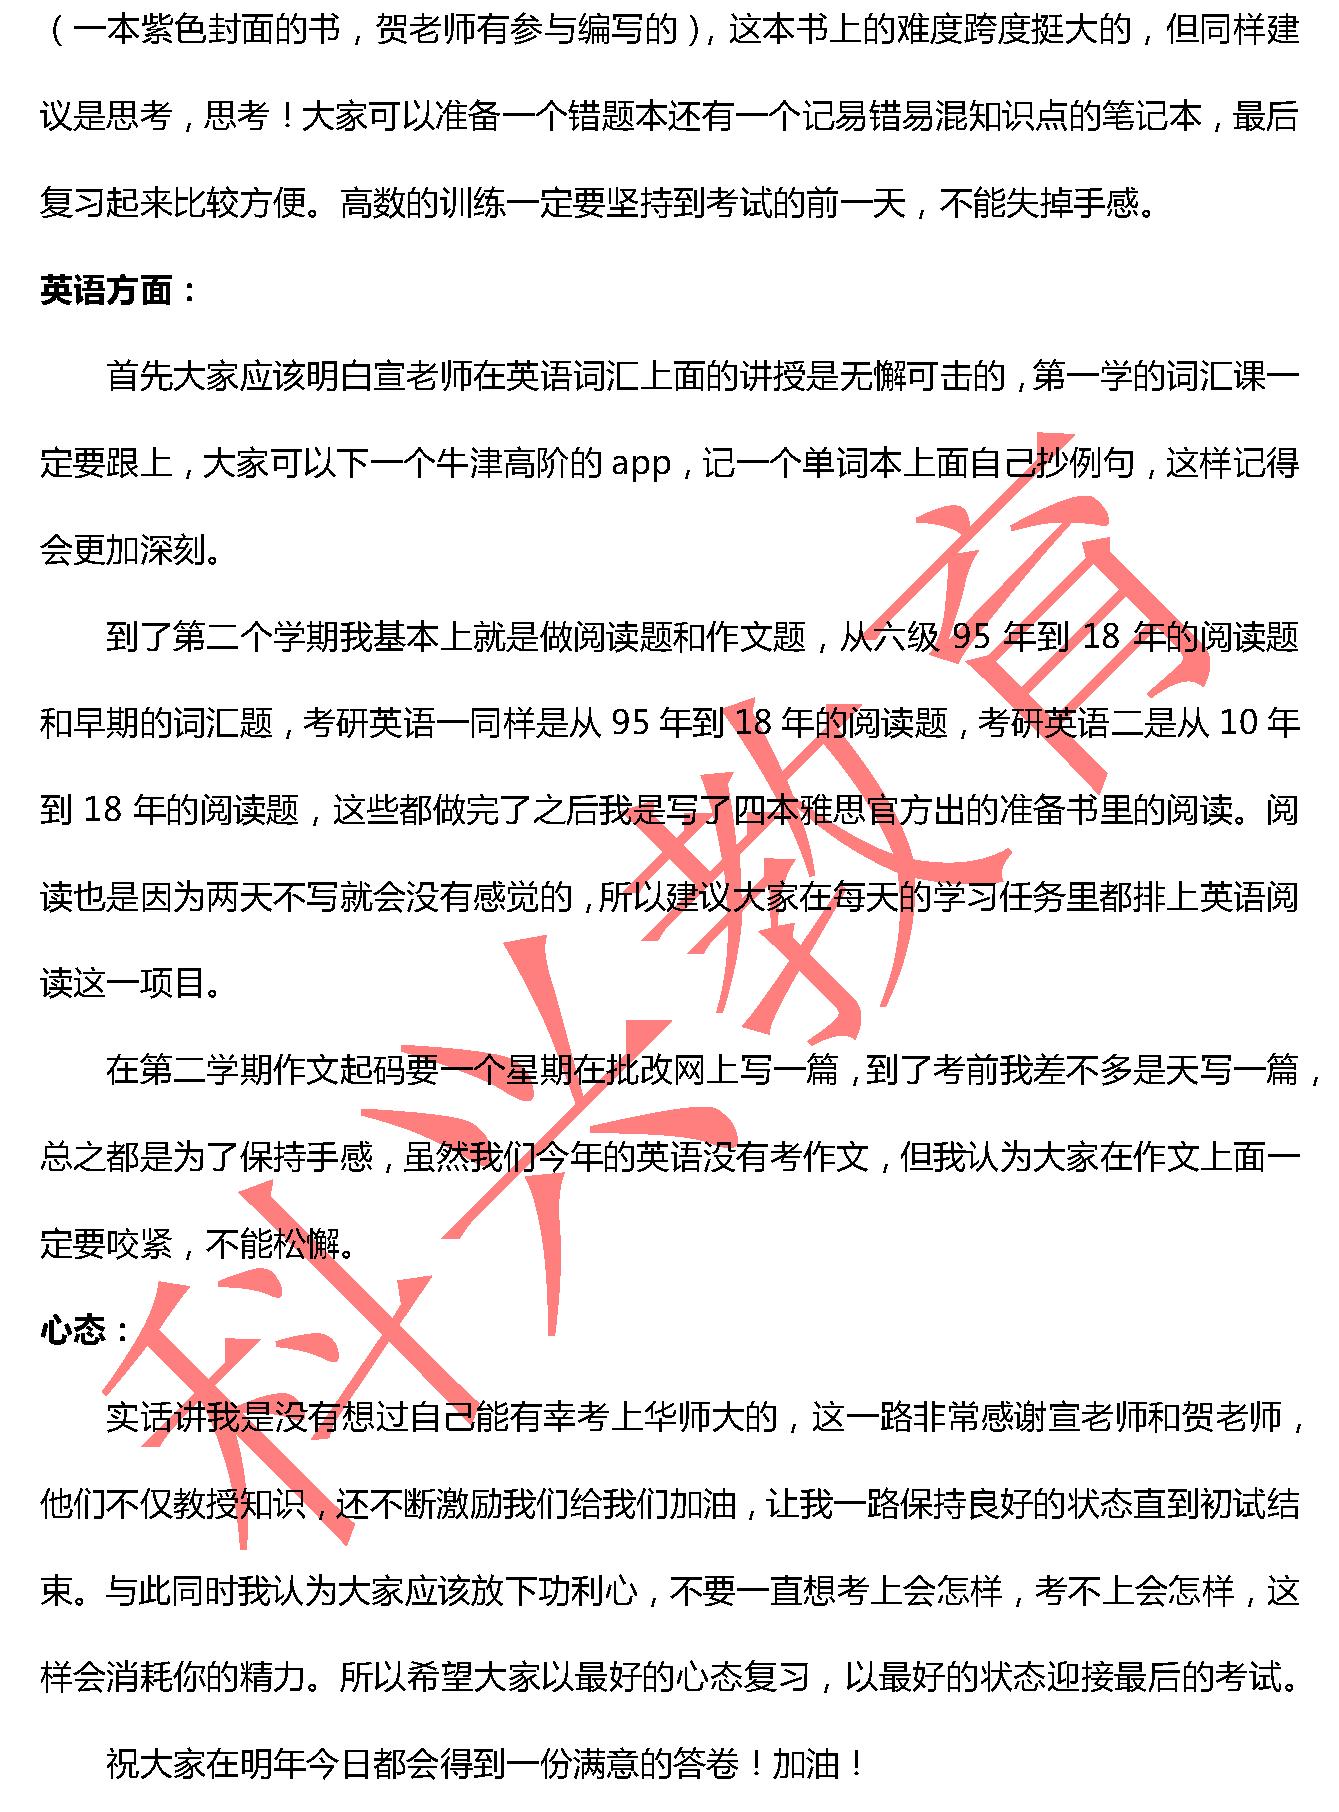 华师赵玉乾:考插心得体会(18届)